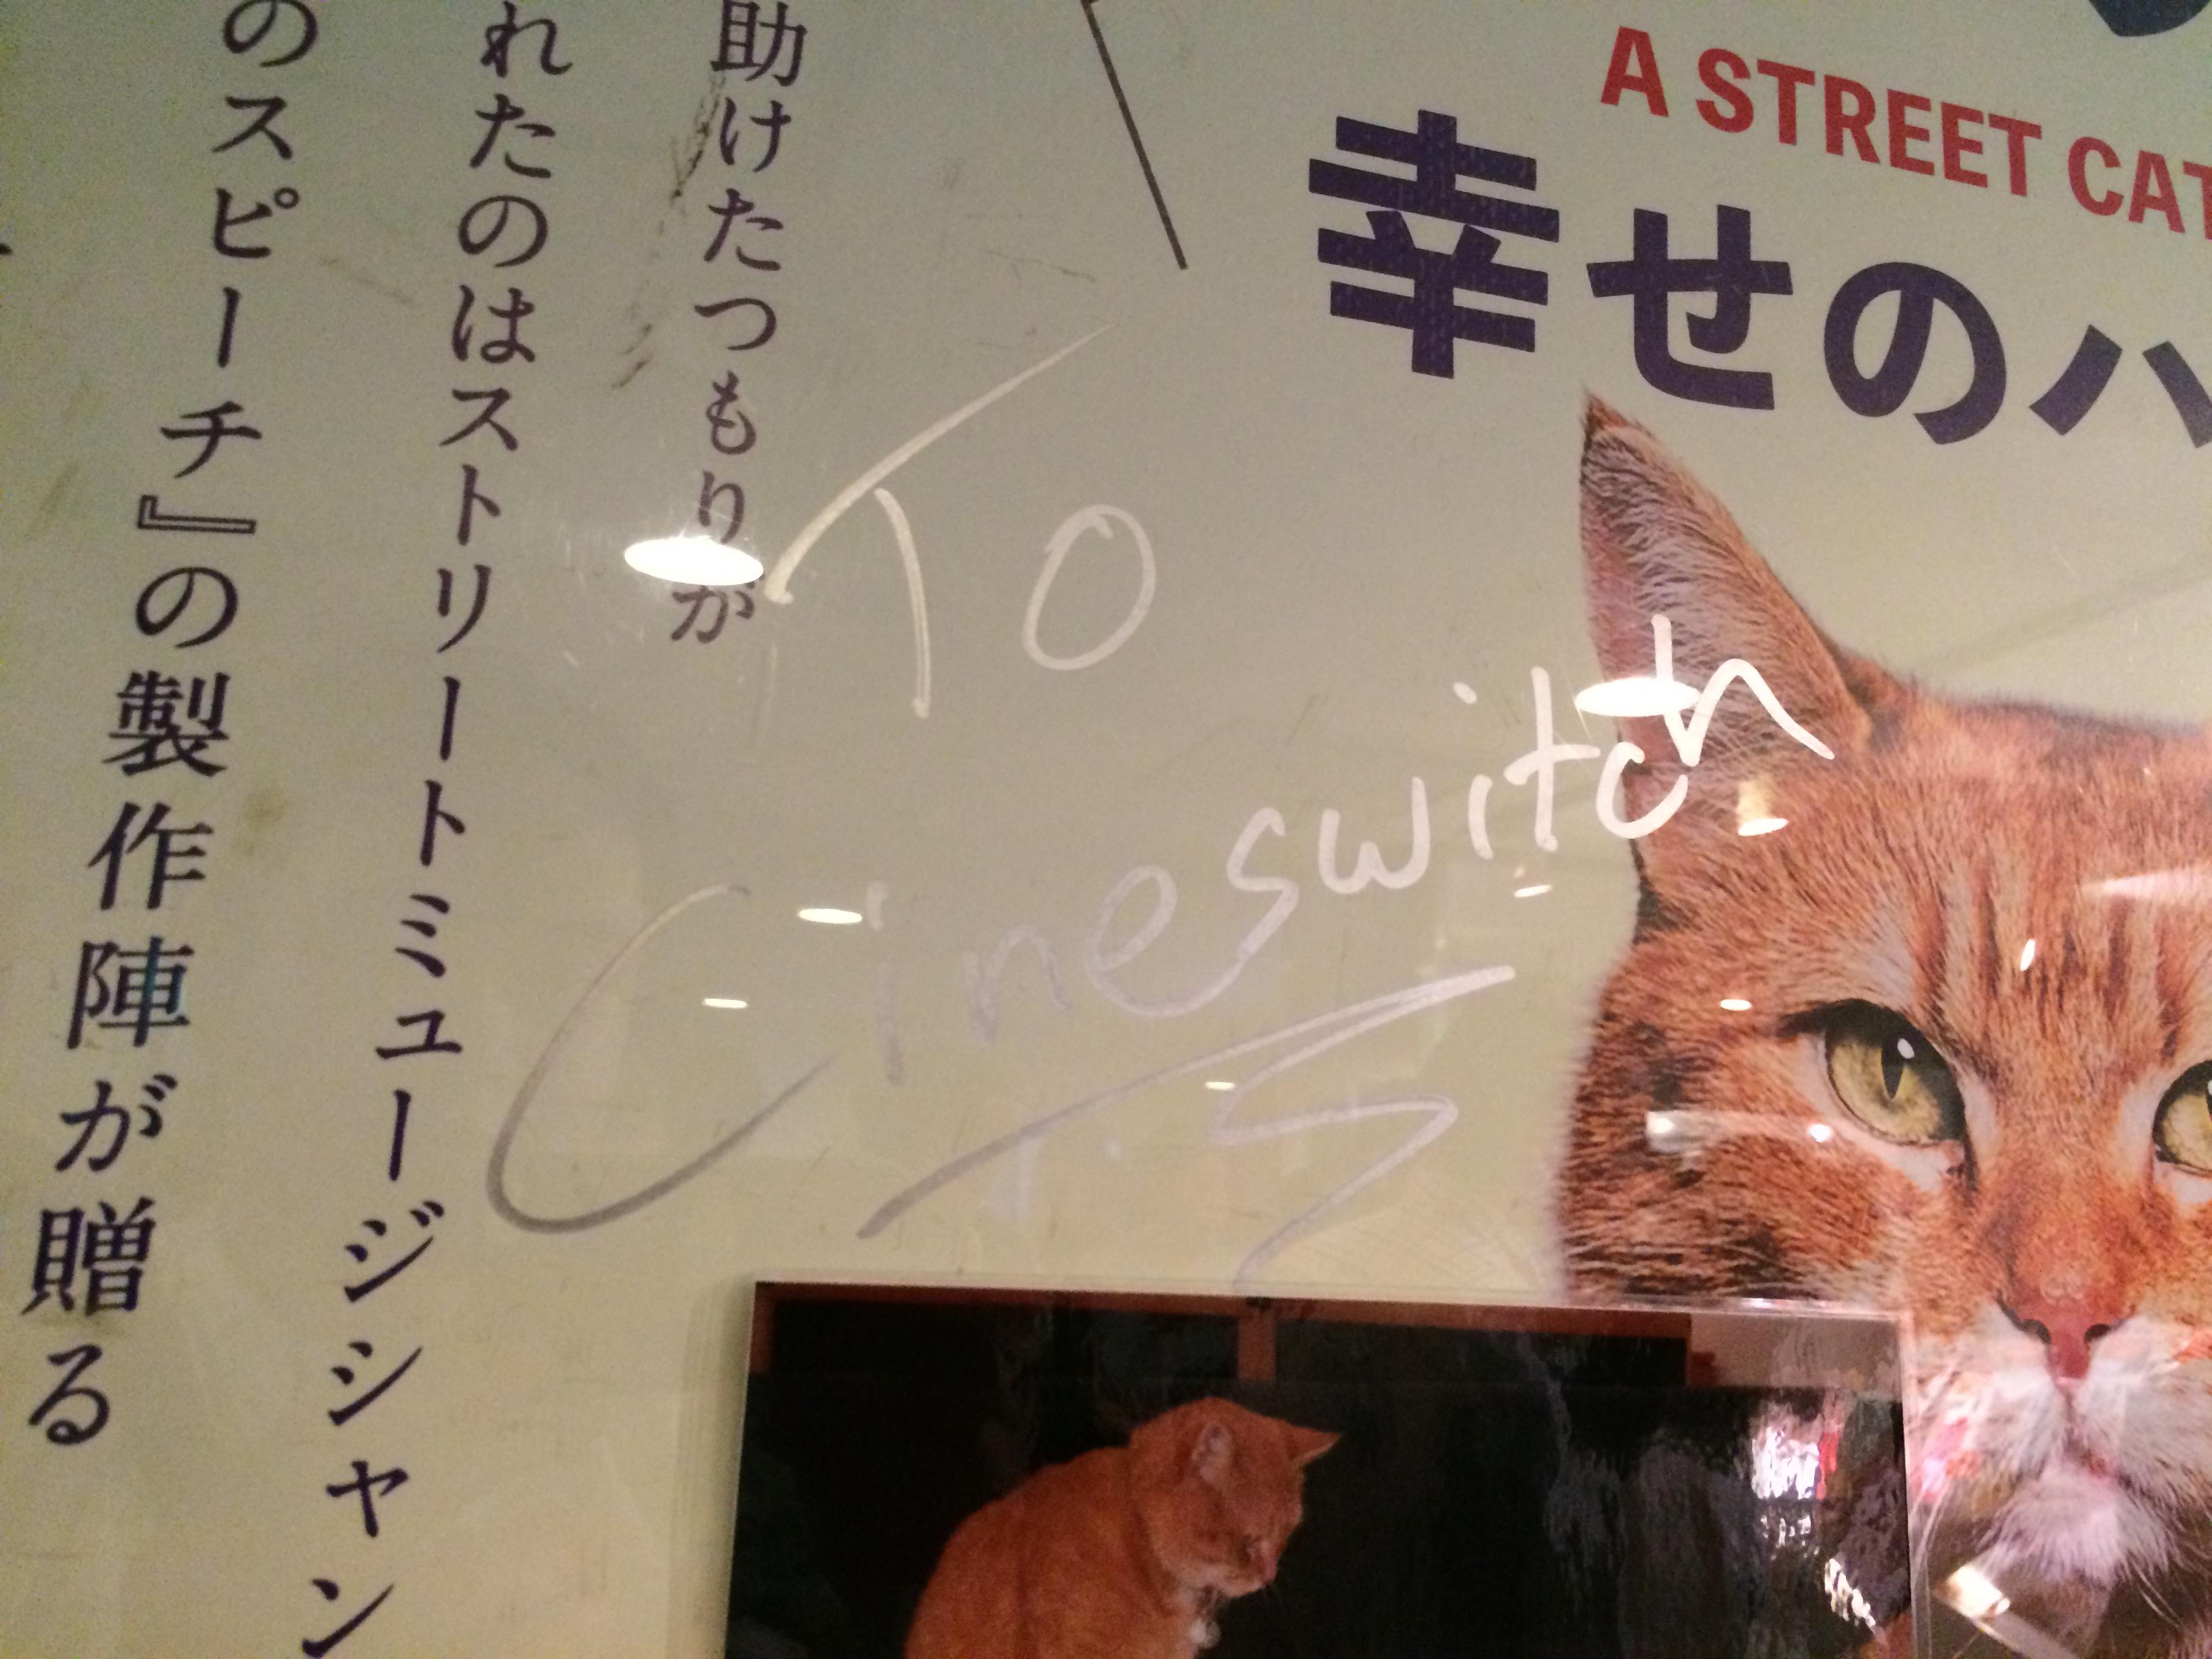 【本人(猫)出演&実話】「ボブという名の猫 幸せのハイタッチ」ほっこり猫映画